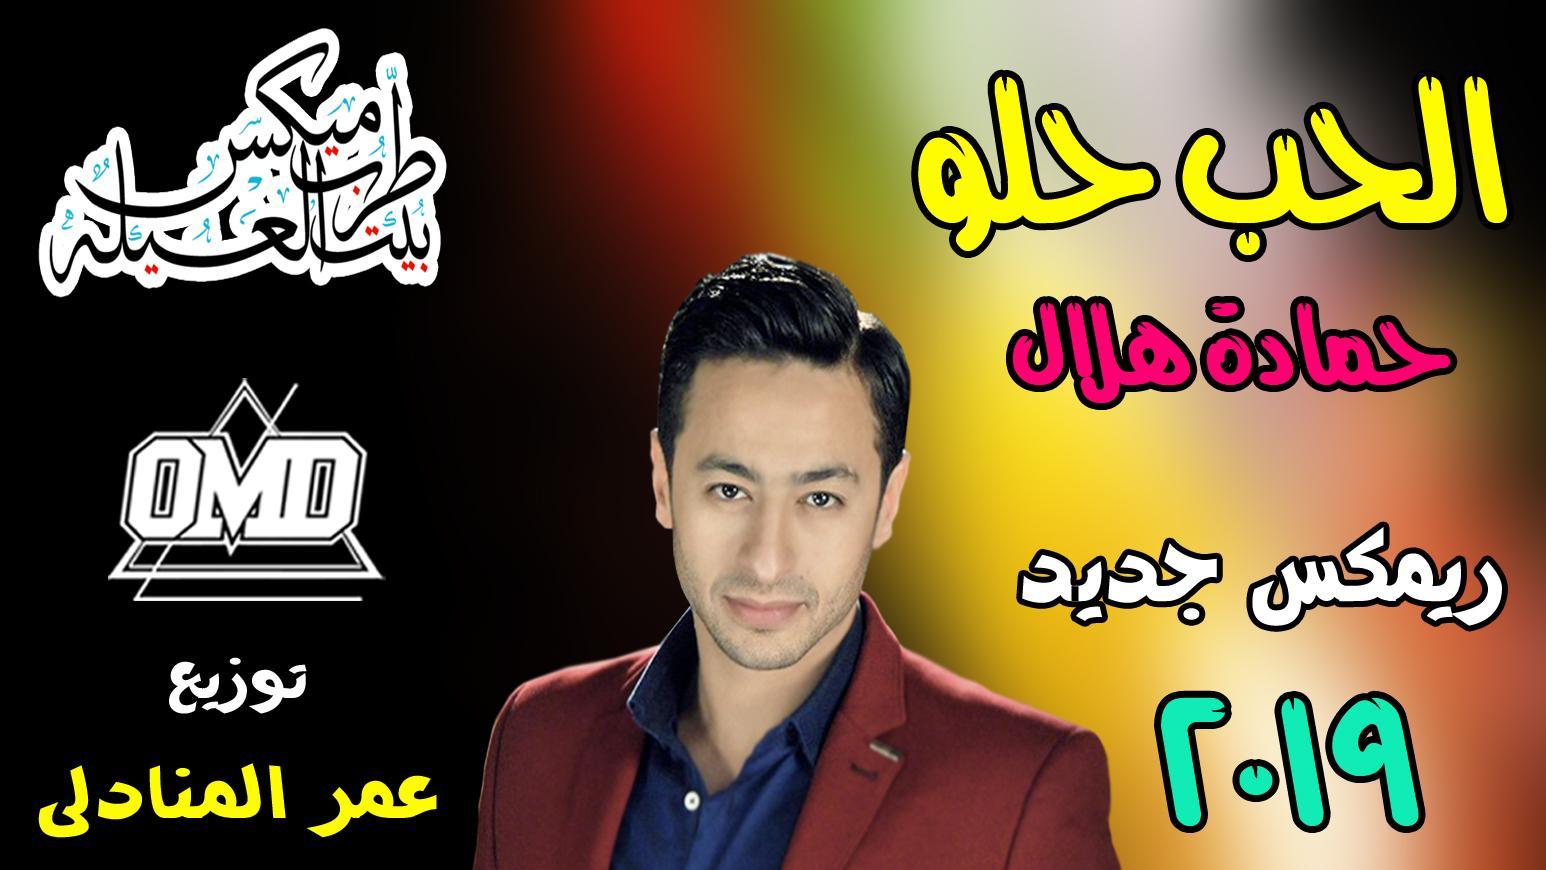 حصريا اغنية الحب حلو حمادة هلال بتوزيع جديد 2019 لــ عمر المنادلى